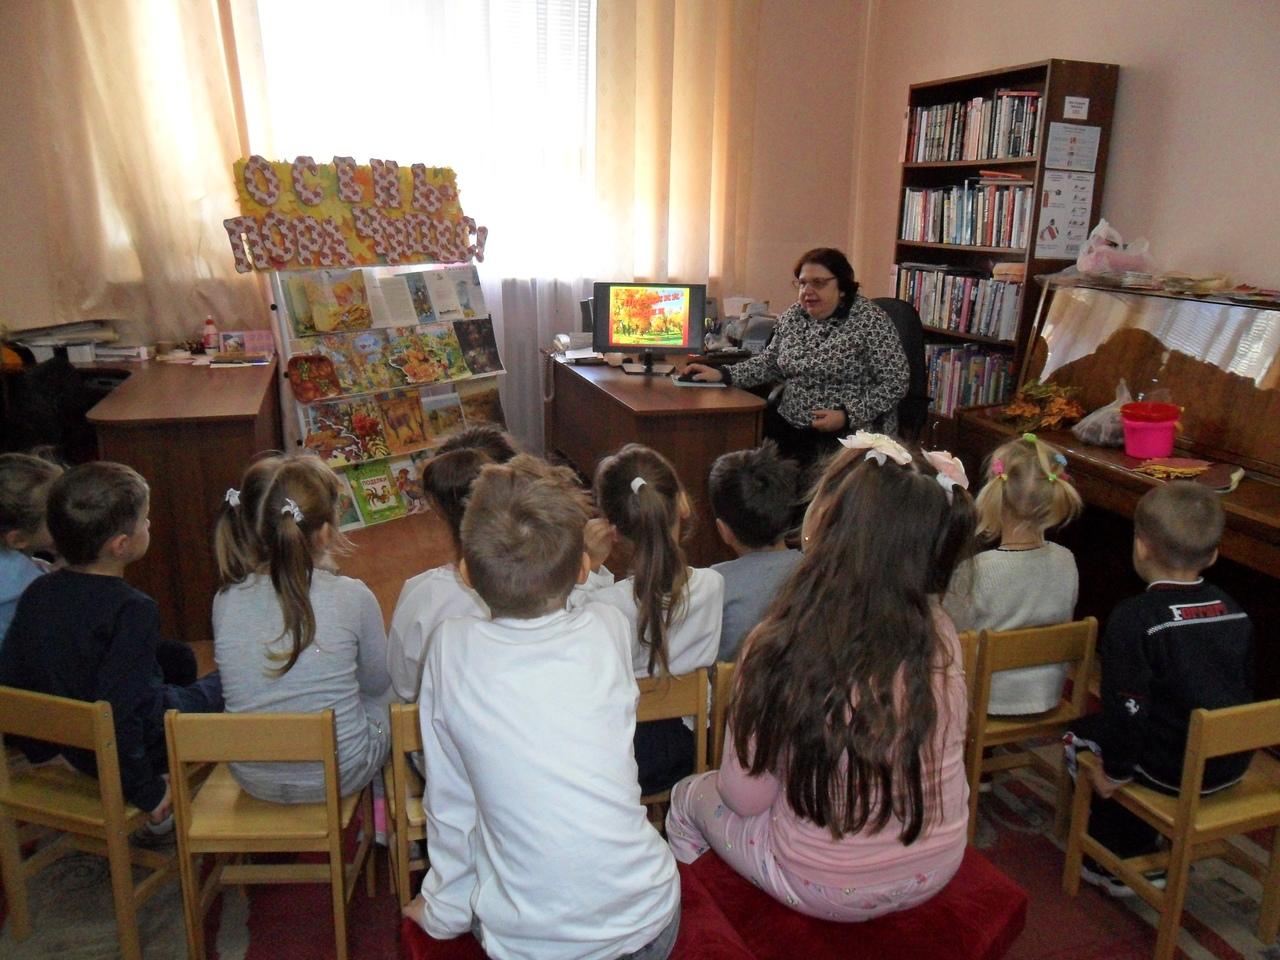 донецкая республиканская библиотека для детей, отдел искусств, с библиотекой интересно, детям об осени